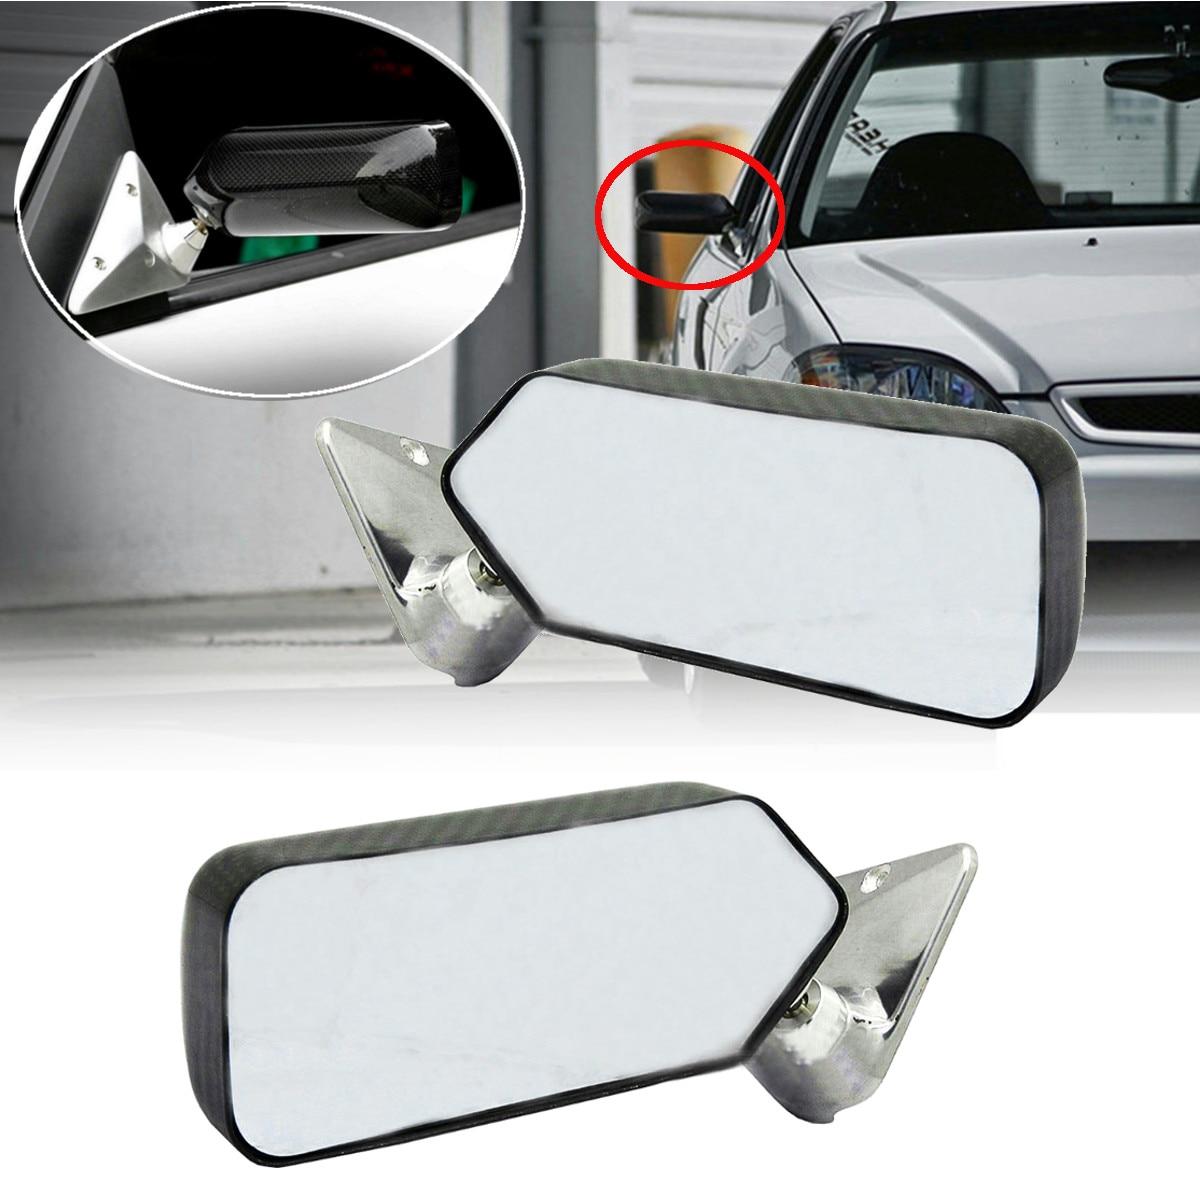 2 pièces universel voiture Fiber de carbone voiture Autos rétroviseur couverture argent/bleu vue arrière rétroviseur latéral couverture verre large métal support